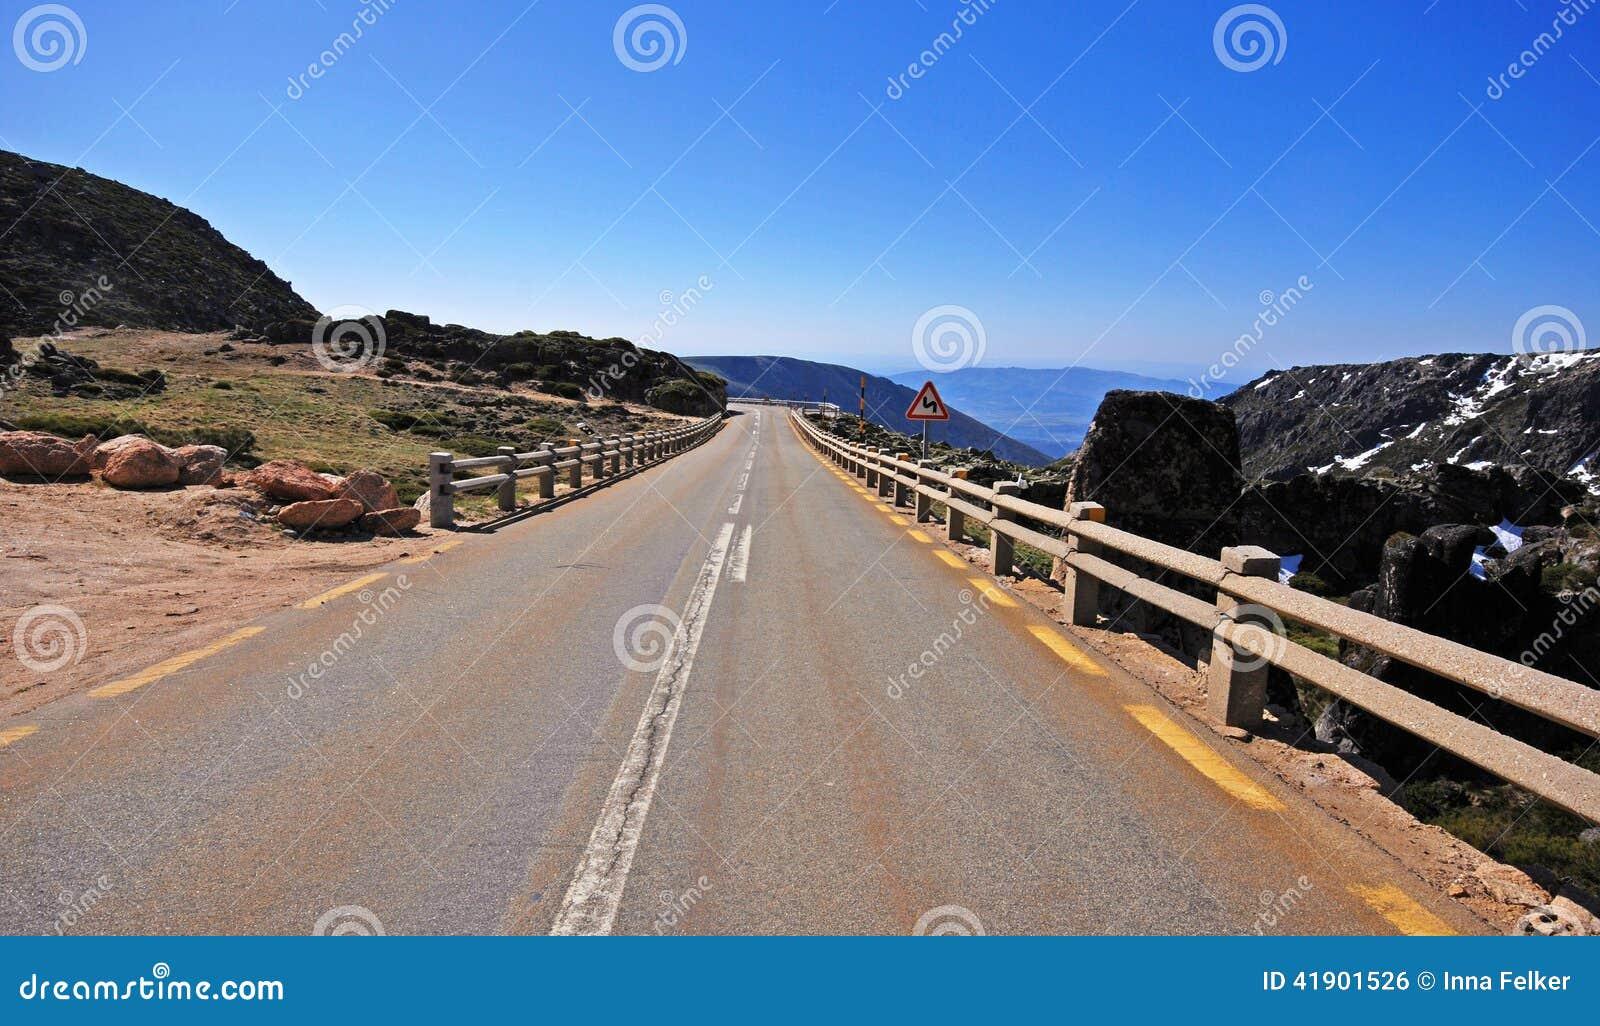 Carretera vacía en las montañas, Portugal